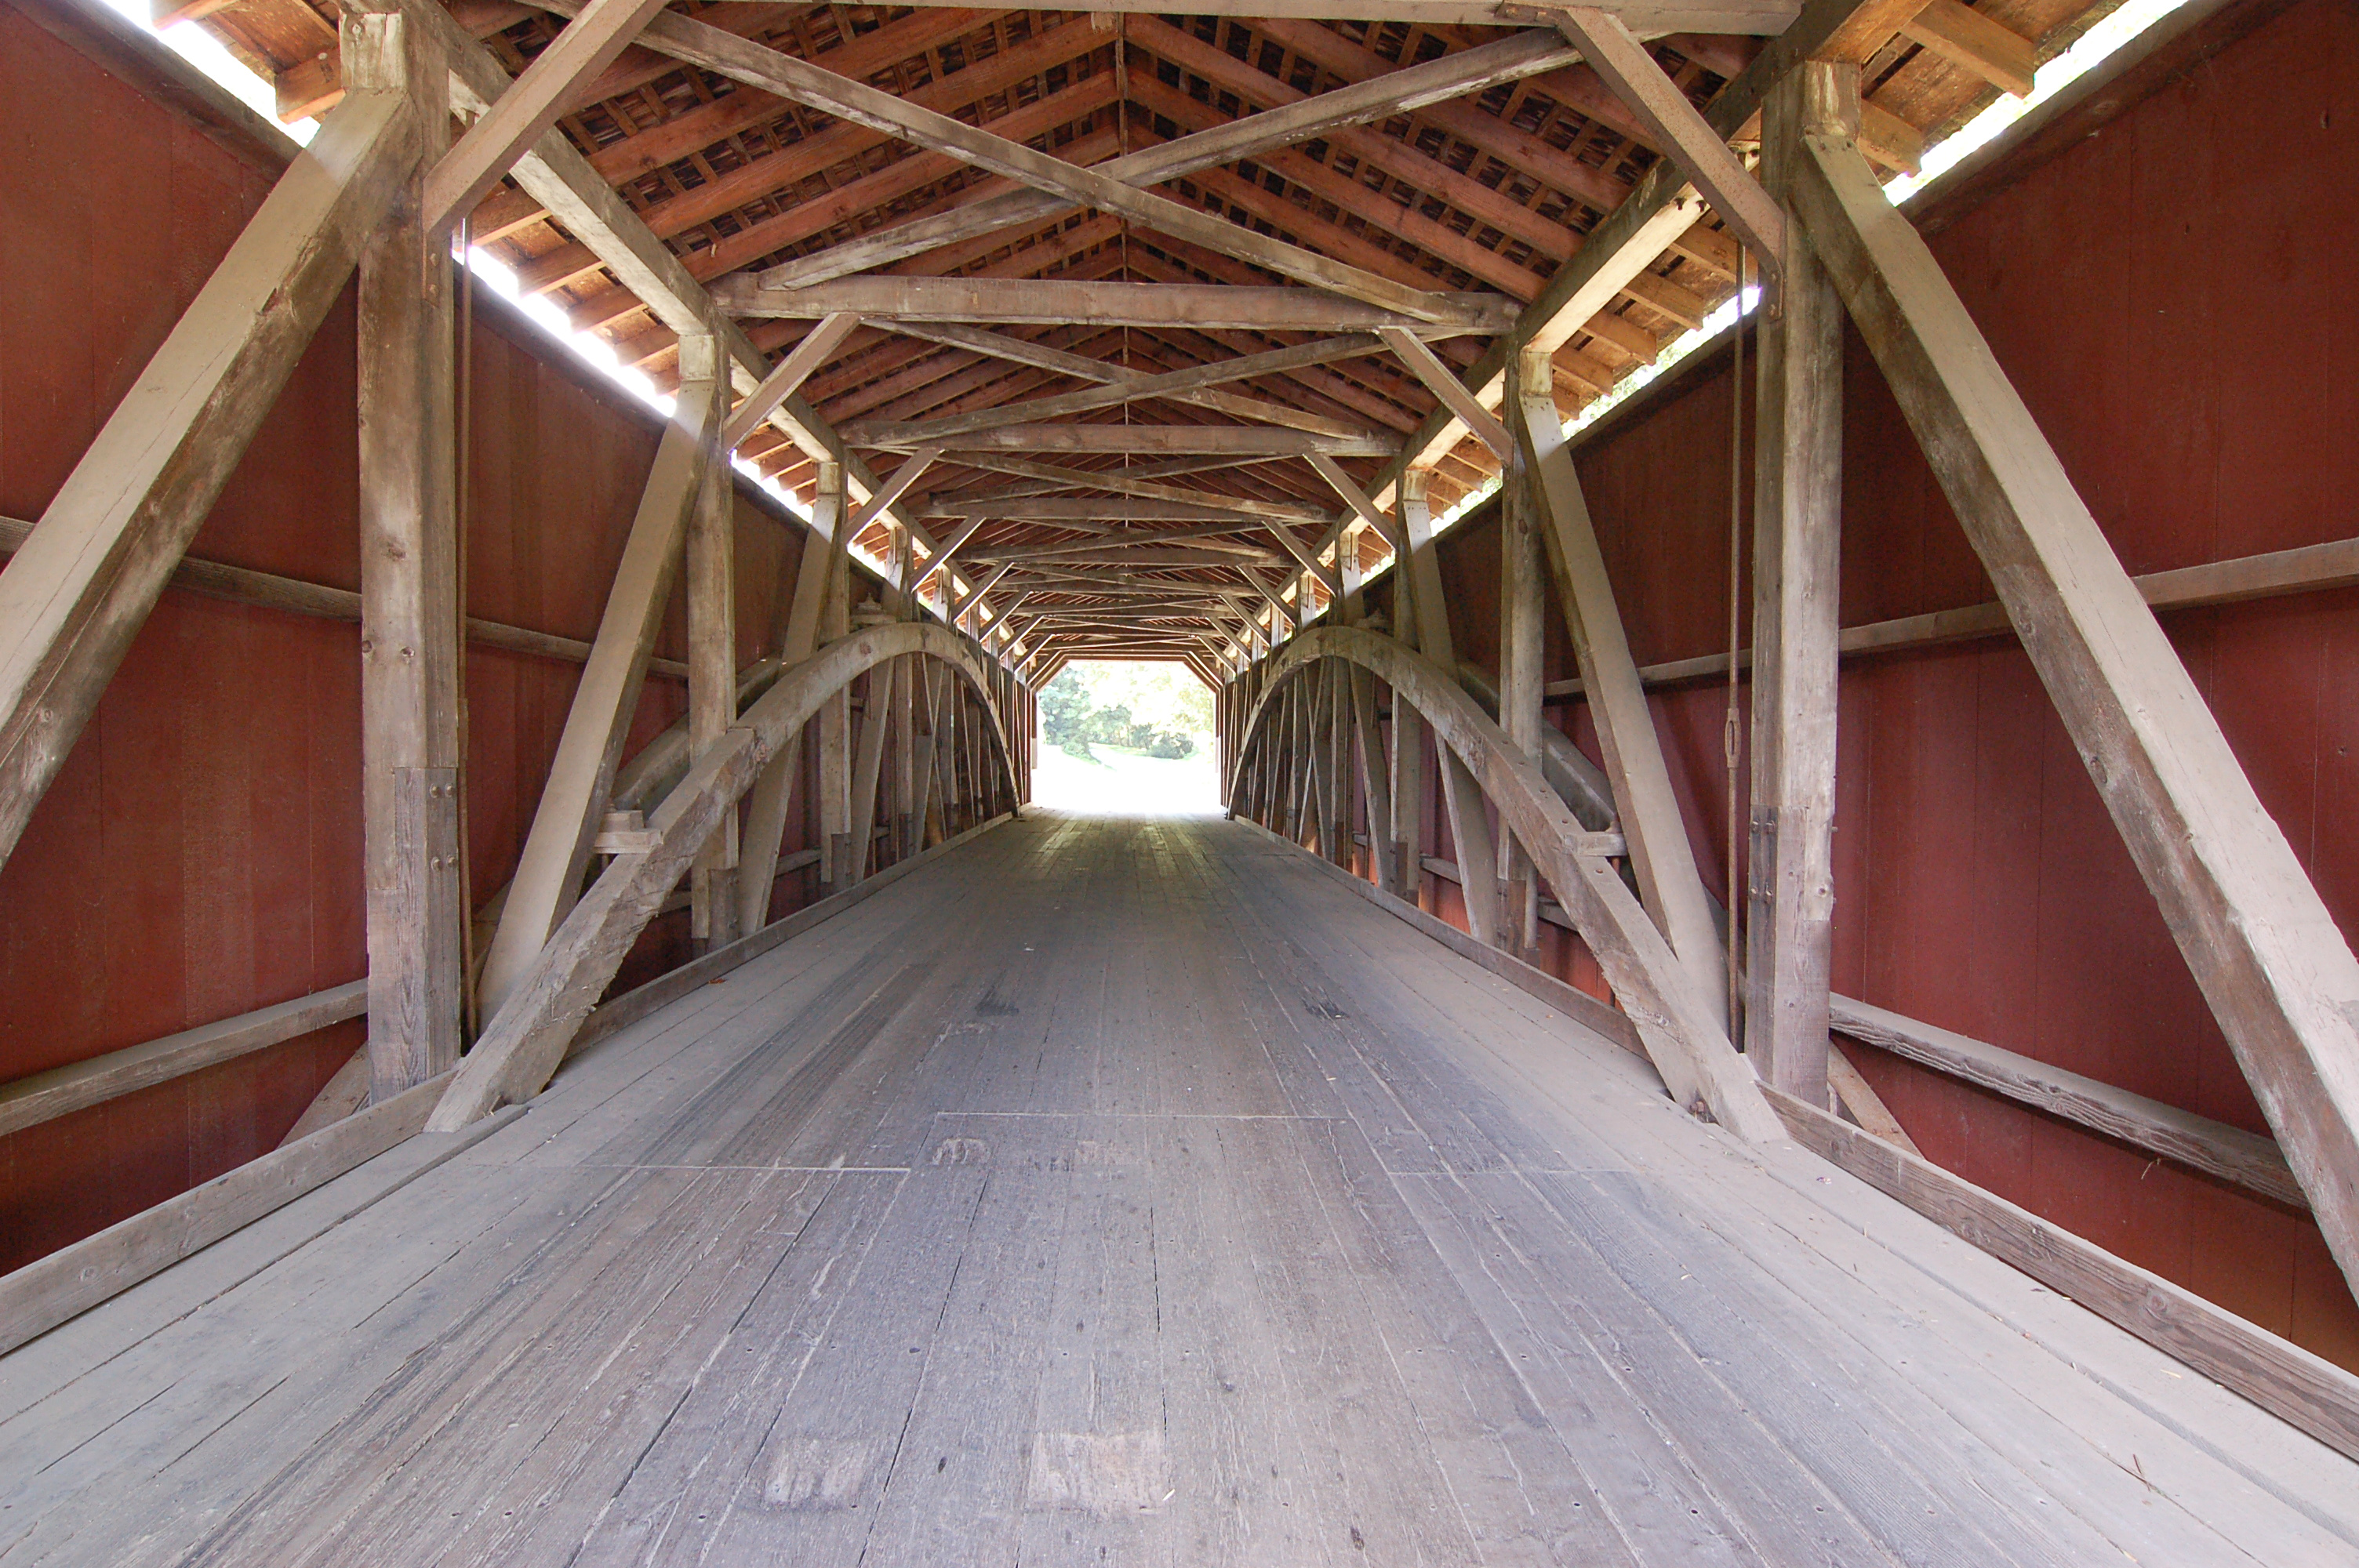 baumgardeners_covered_bridge_inside_center_3008px